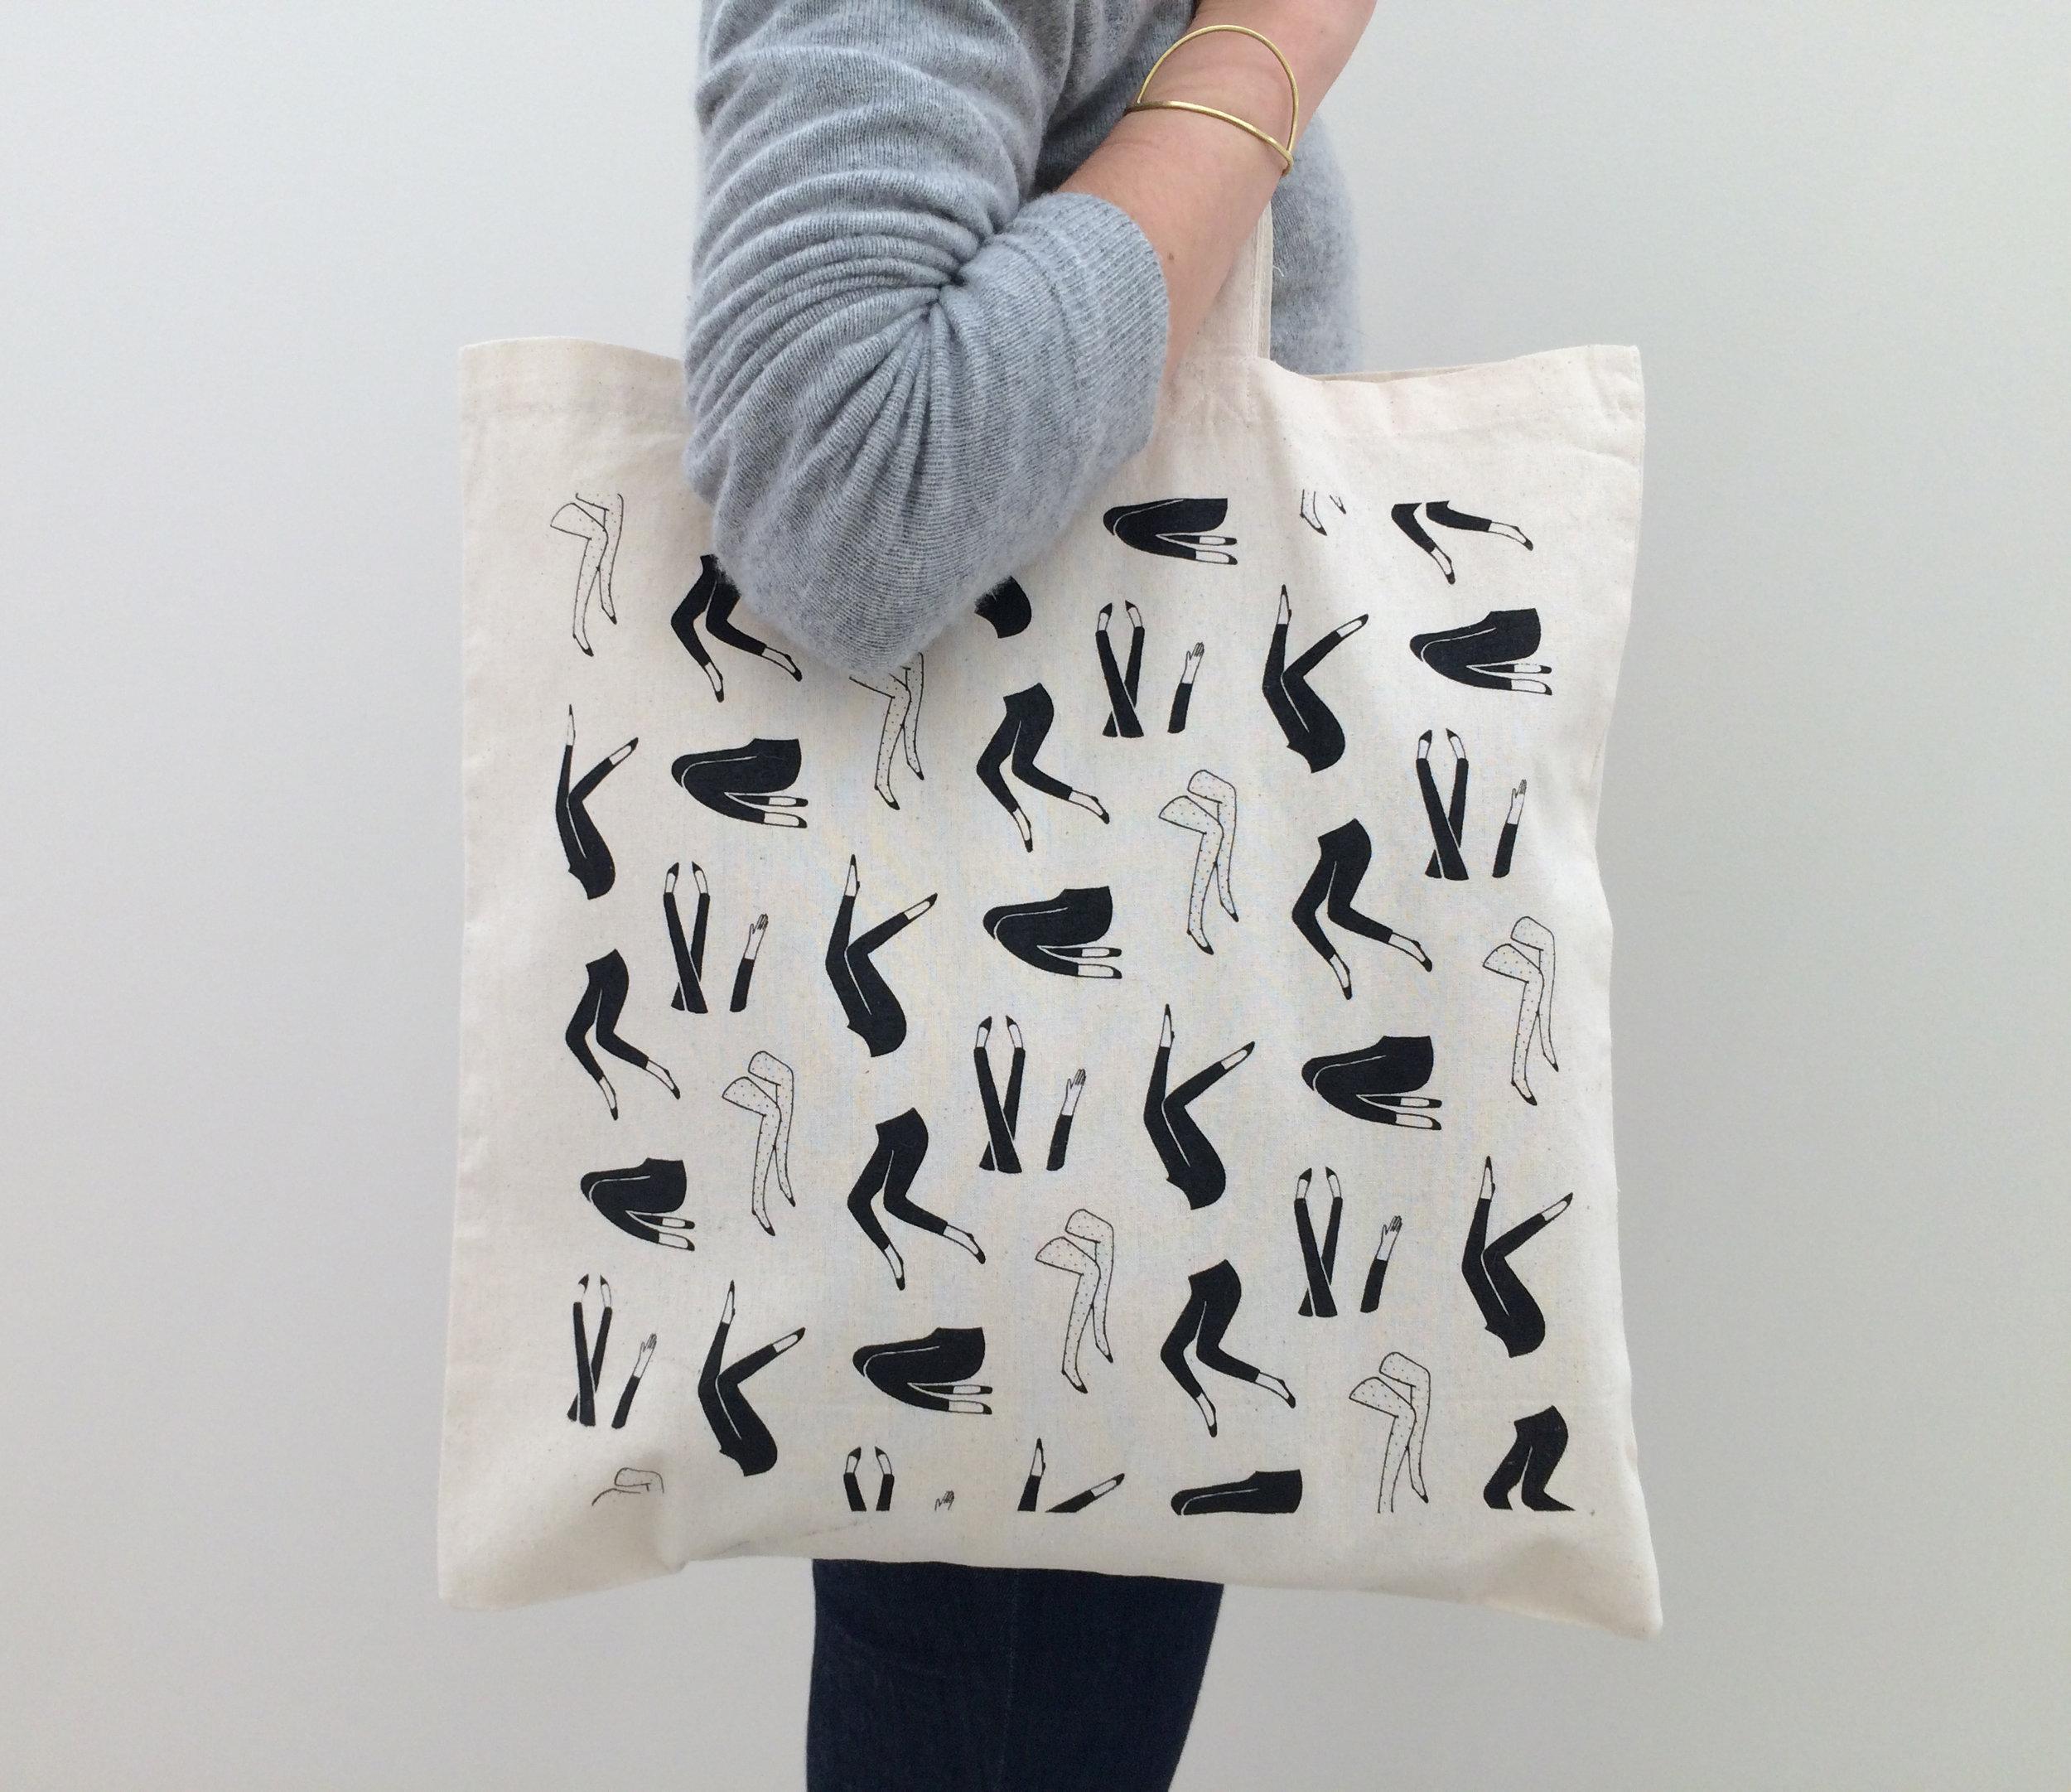 Screen printed tote bag.